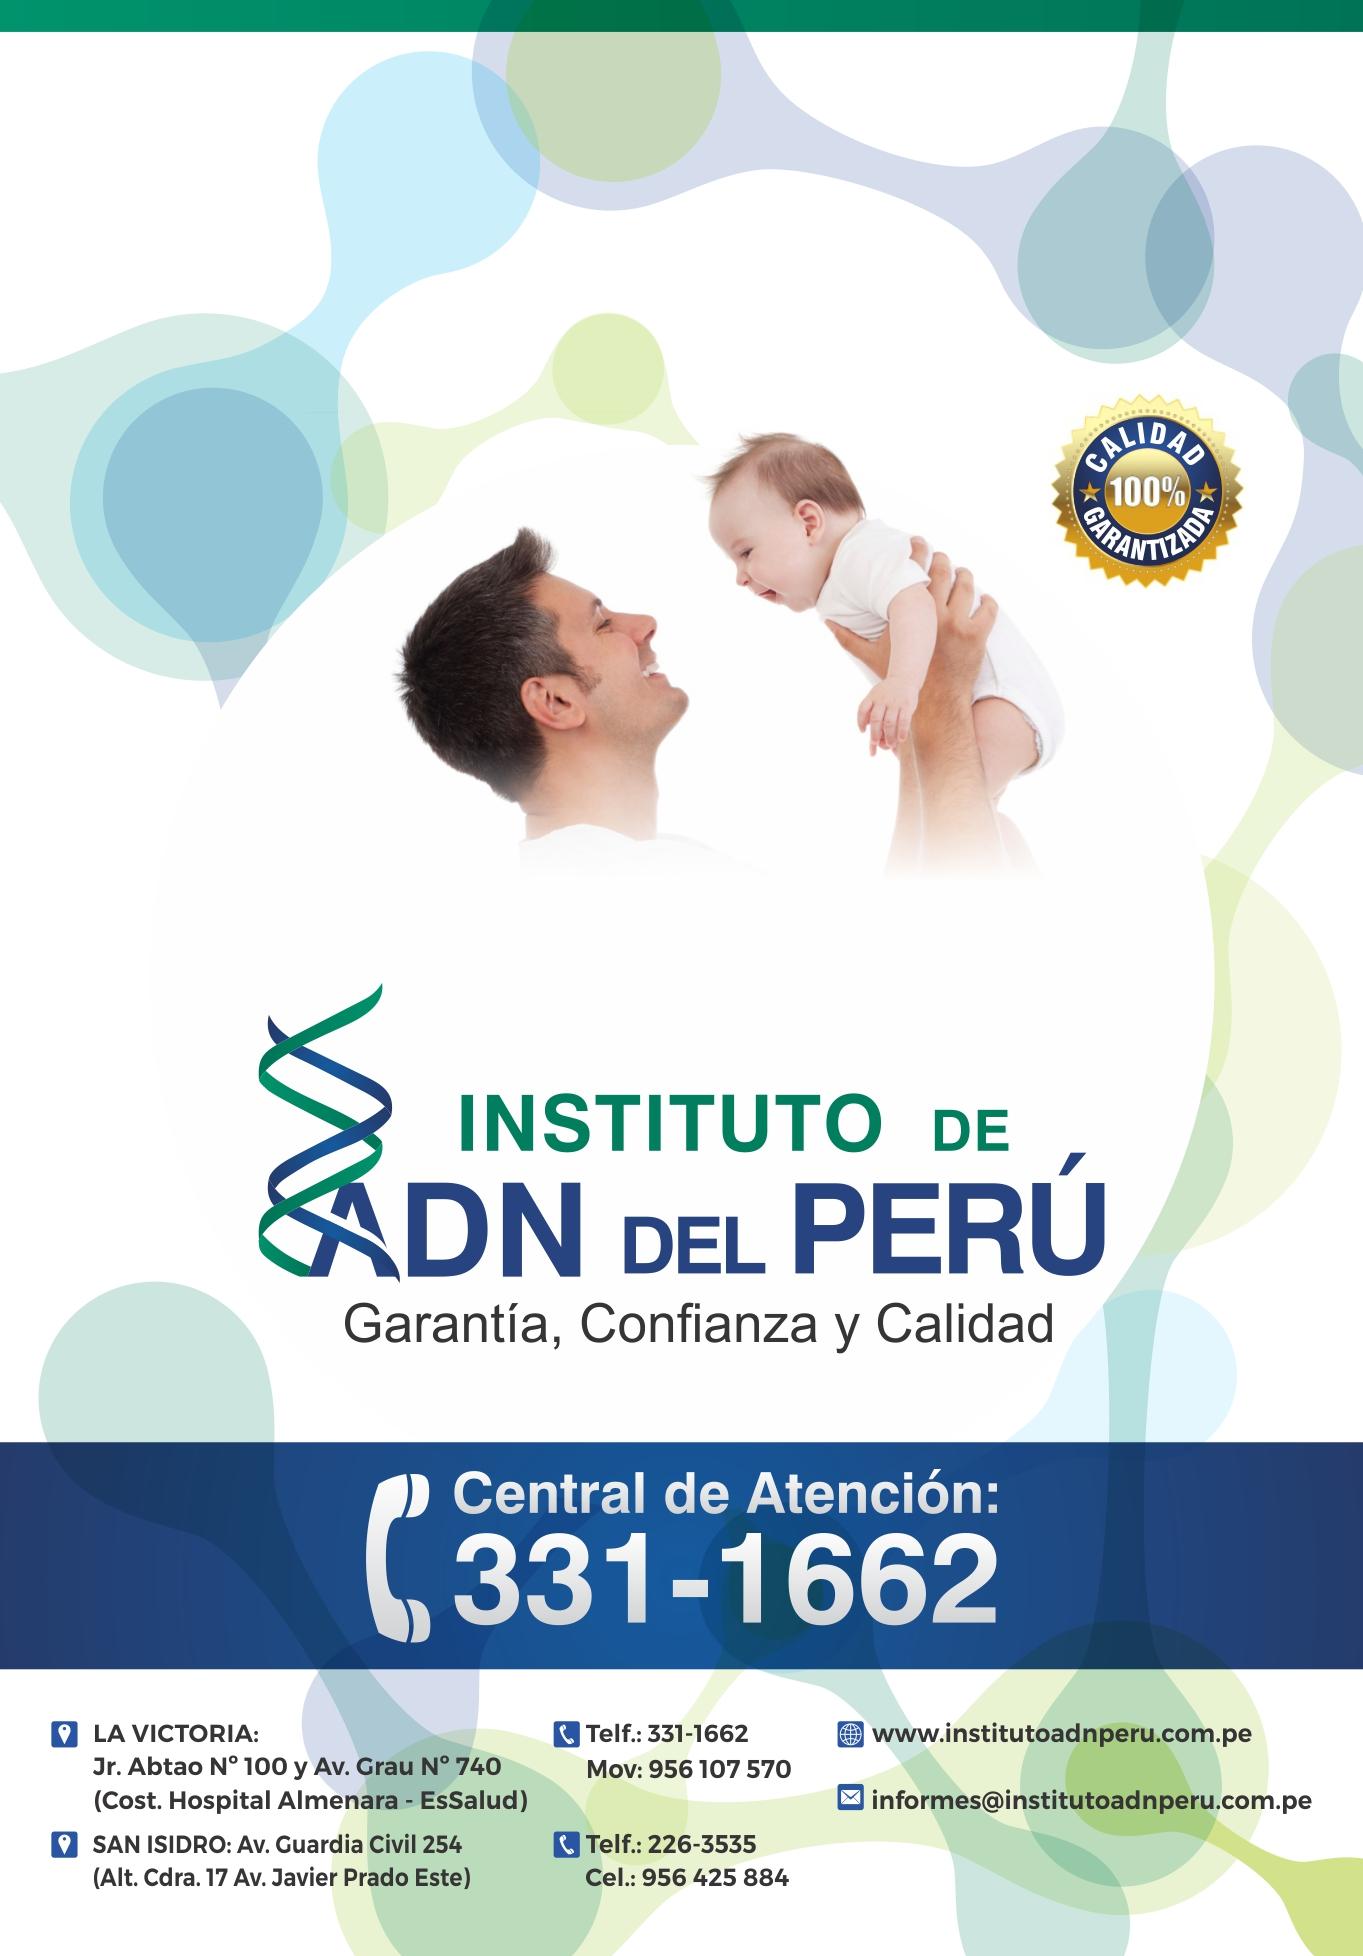 Servicio de ADN Paternidad a nivel nacional